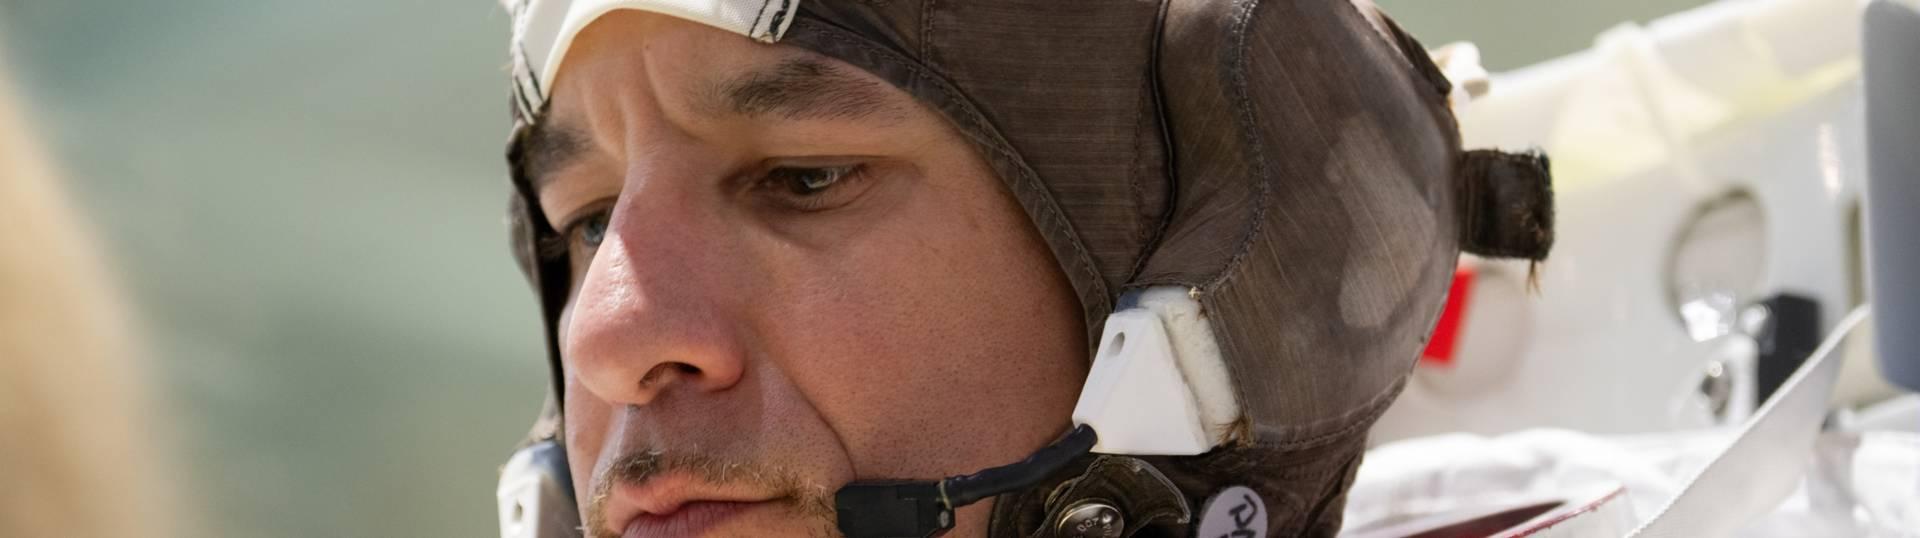 Luca Parmitano: live streaming della missione Beyond